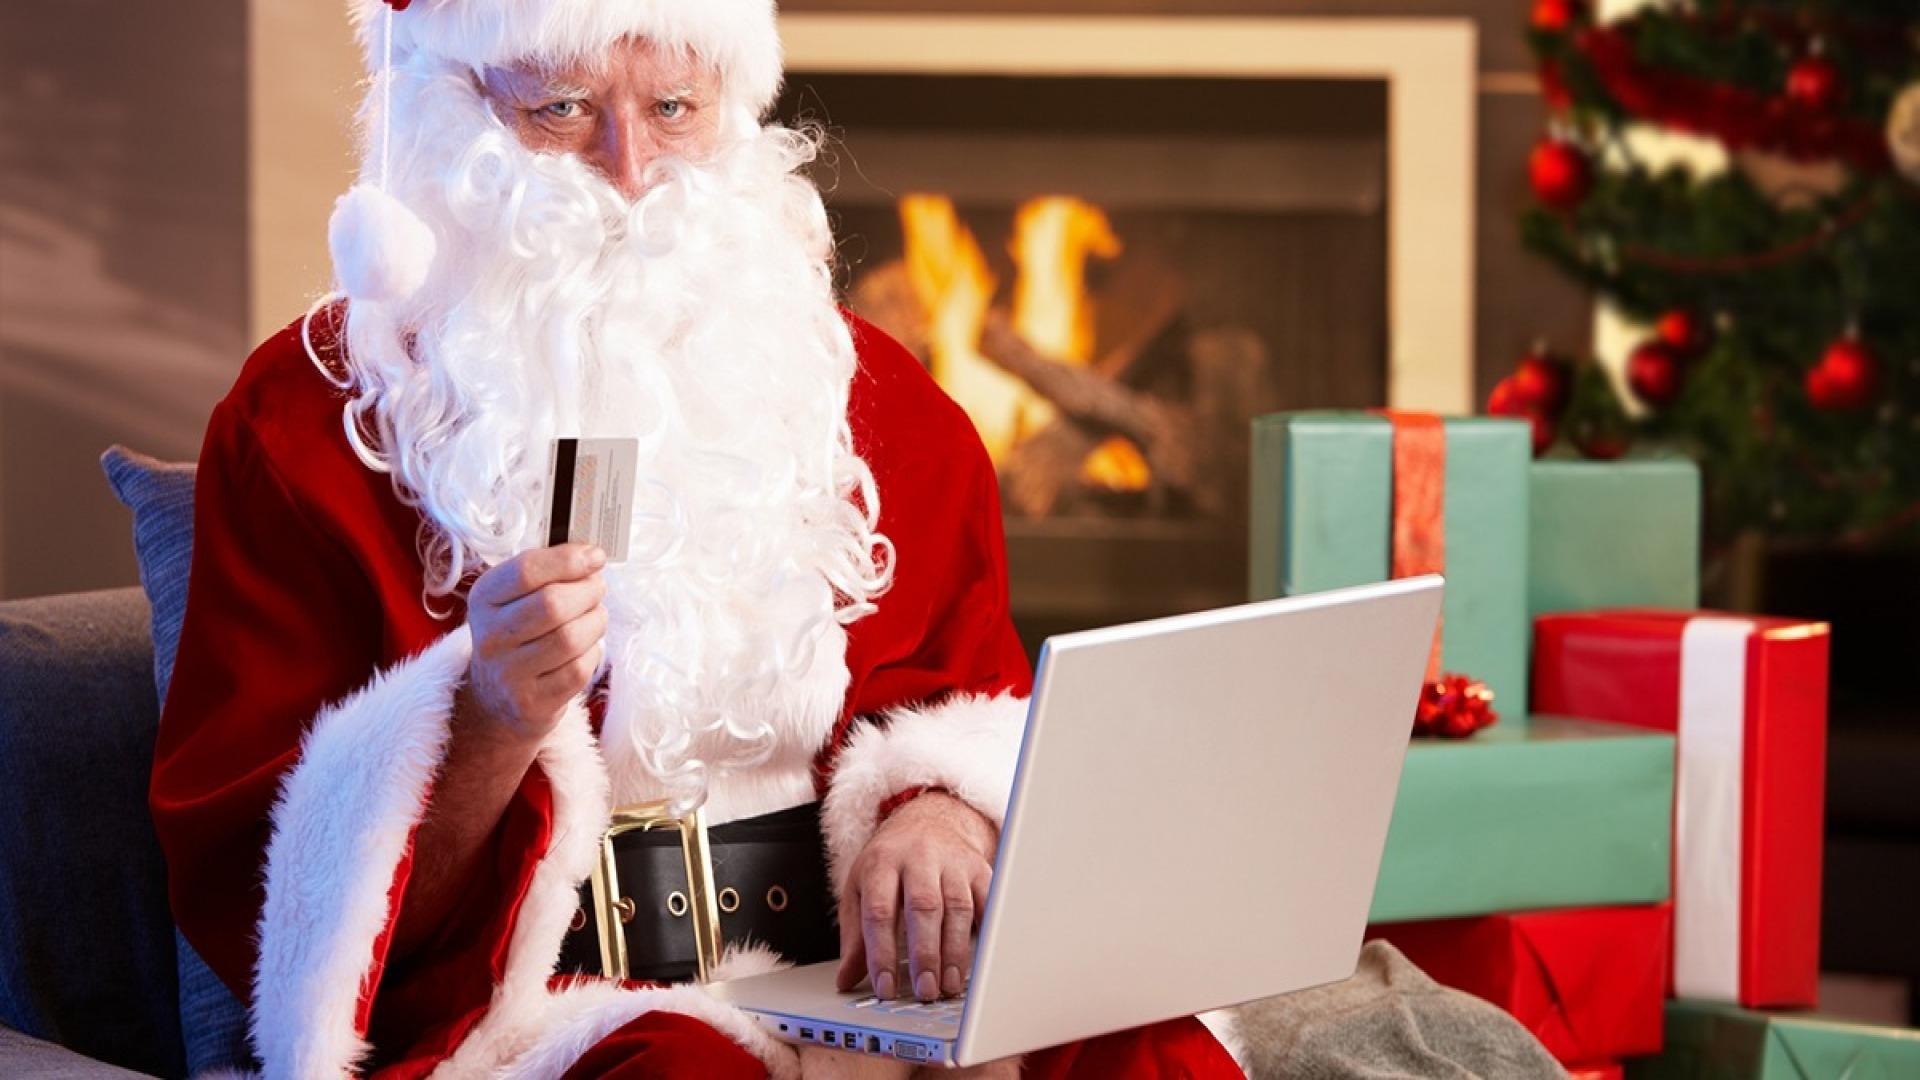 A Natale puoi... ascoltare gli utenti!